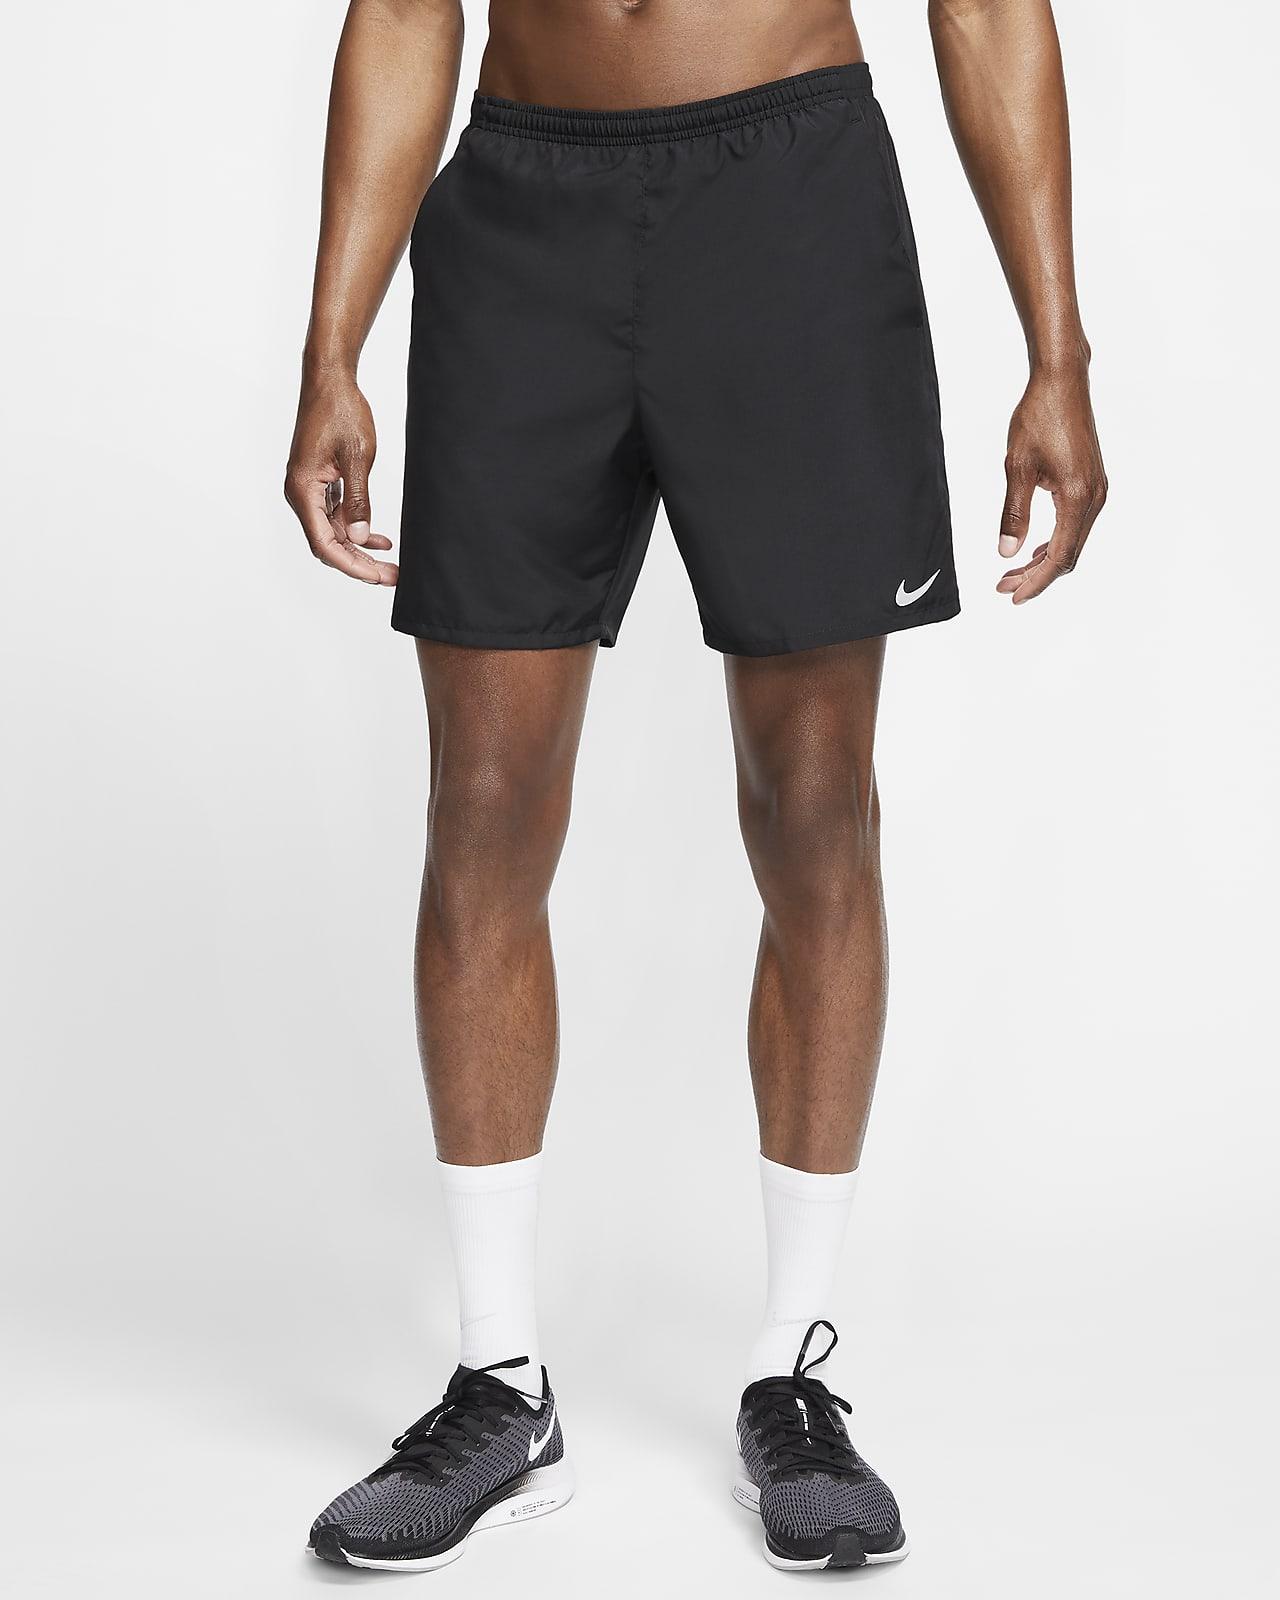 Nike Dri-FIT Run Pantalón corto de running de 18 cm - Hombre